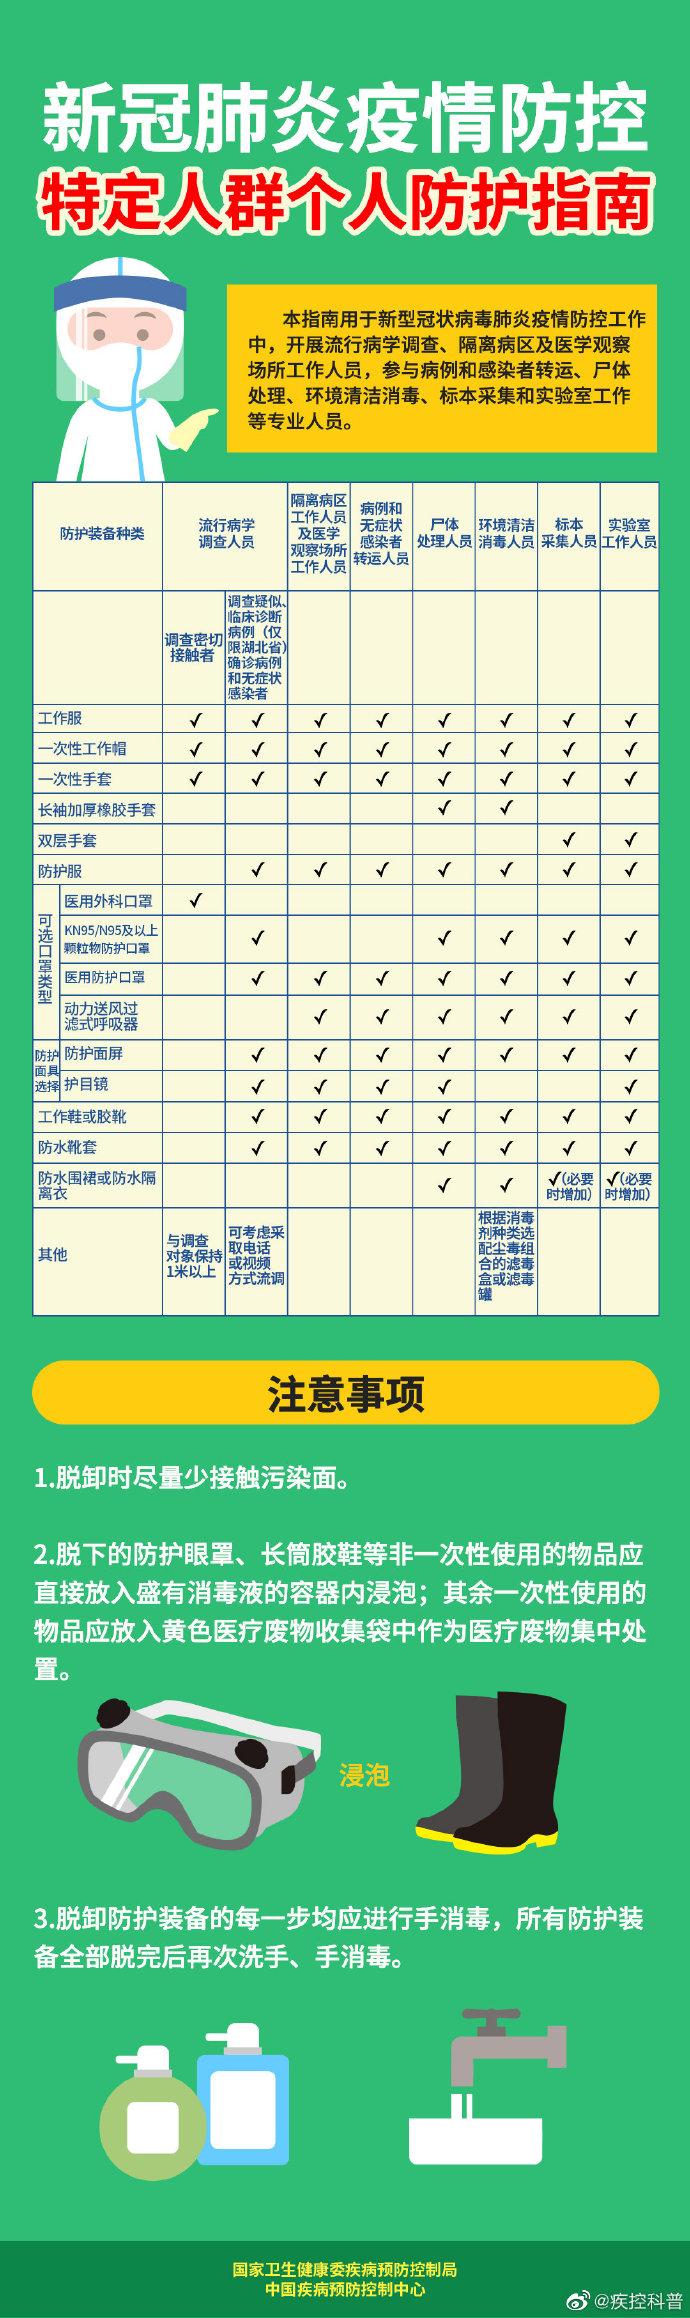 新冠肺炎疫情防控 特定人群个人防护指南